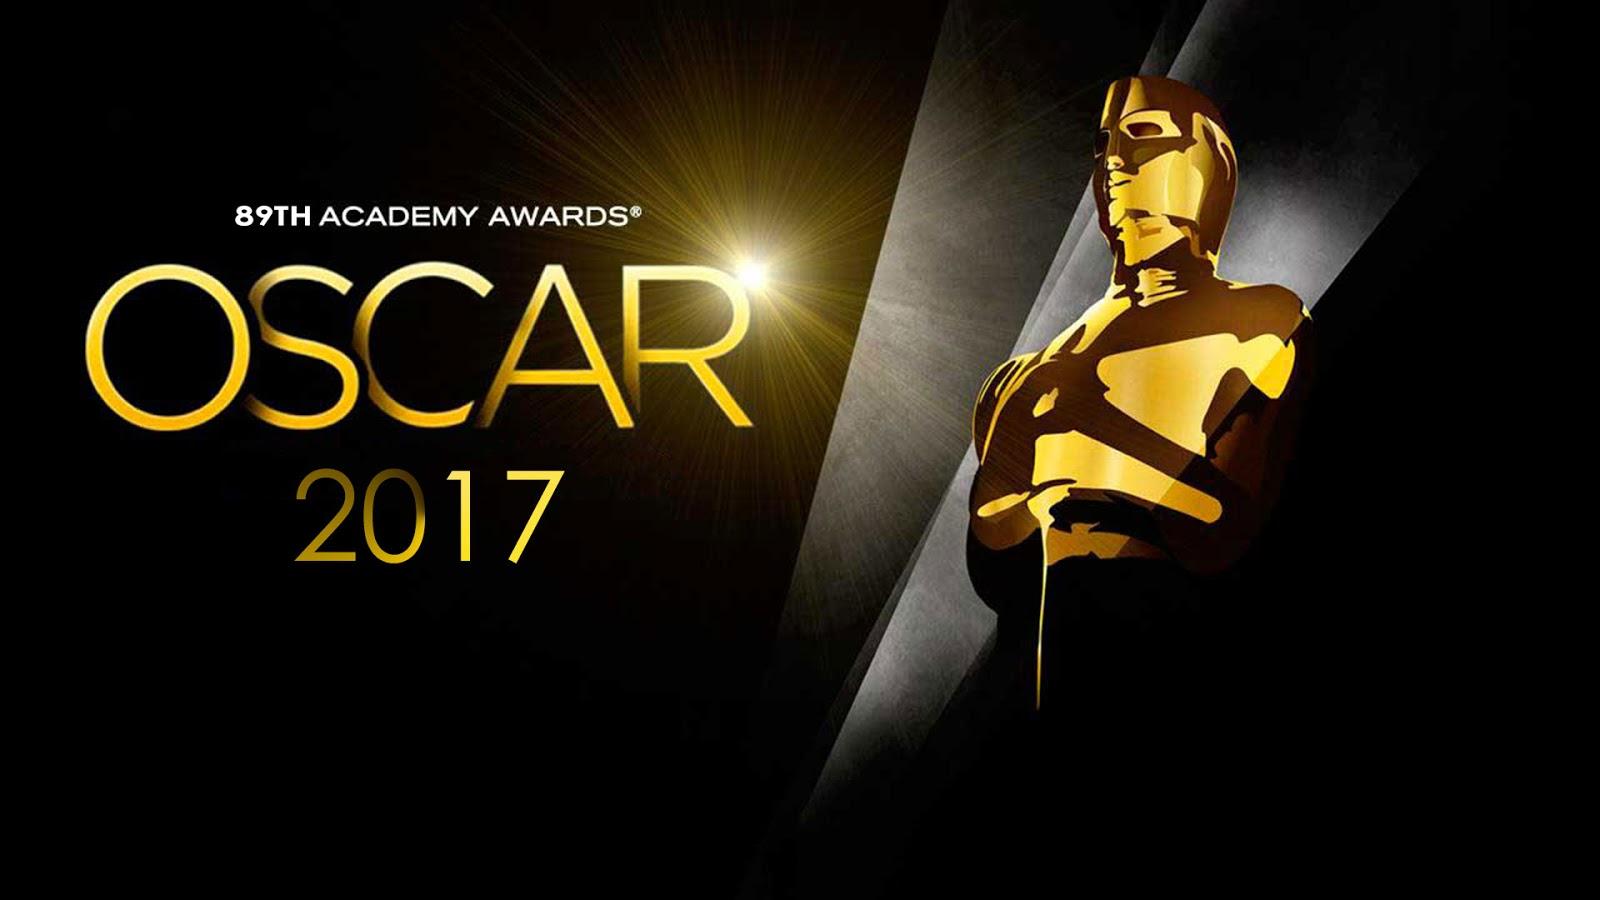 Samo dvije osobe već znaju imena dobitnika Oscara…